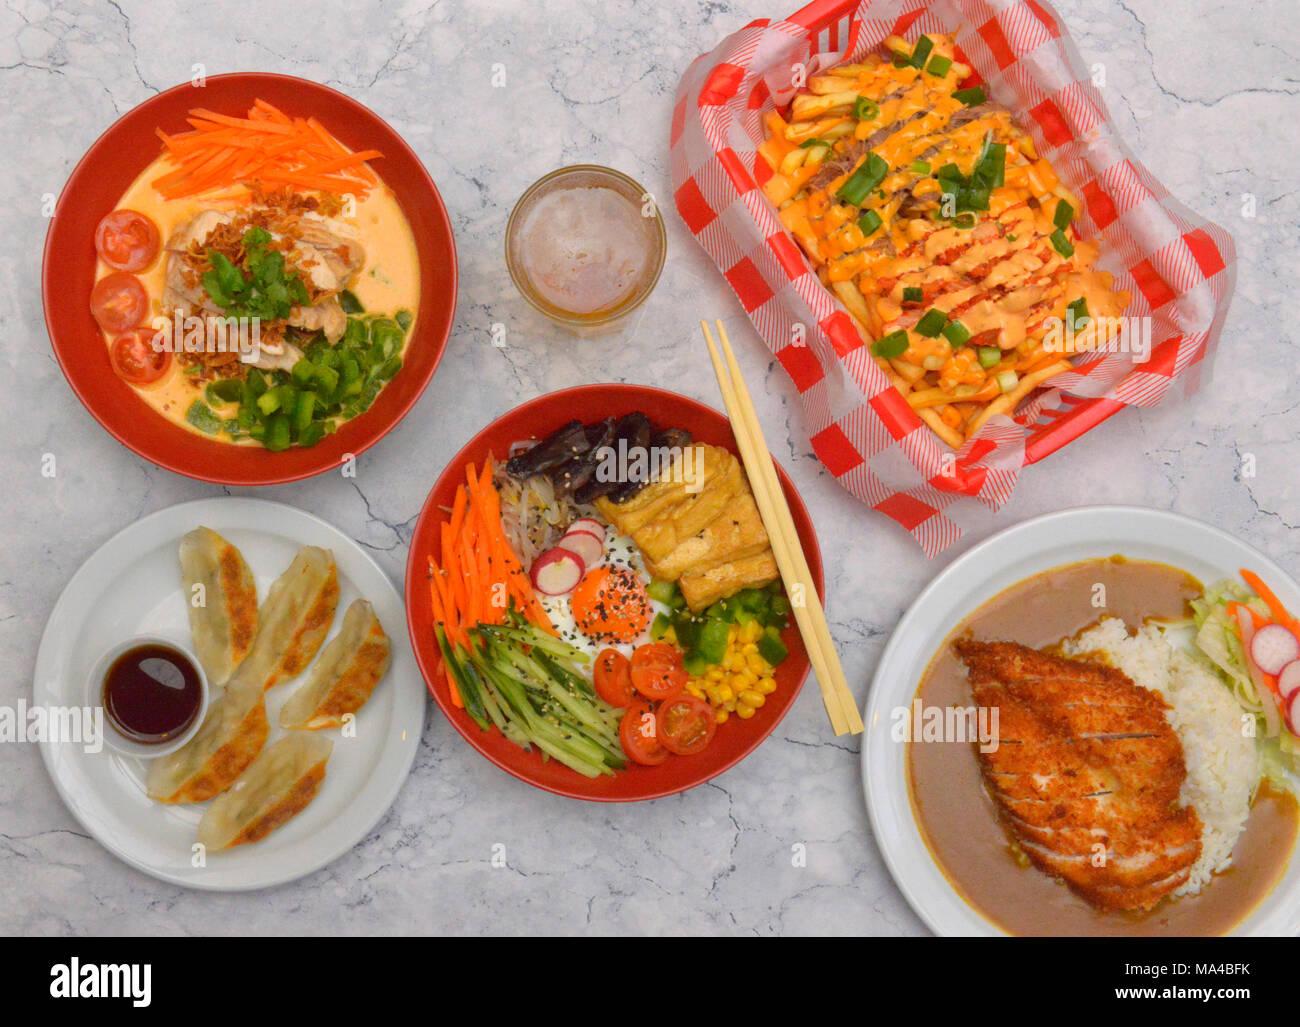 Eine Auswahl von koreanischen Speisen wie Tofu & Pilz Kimchi bimbimbap, Rindfleisch, Hähnchen Red Curry, Gemüse Knödel, knusprige panko Huhn Katsu Curry. Stockbild